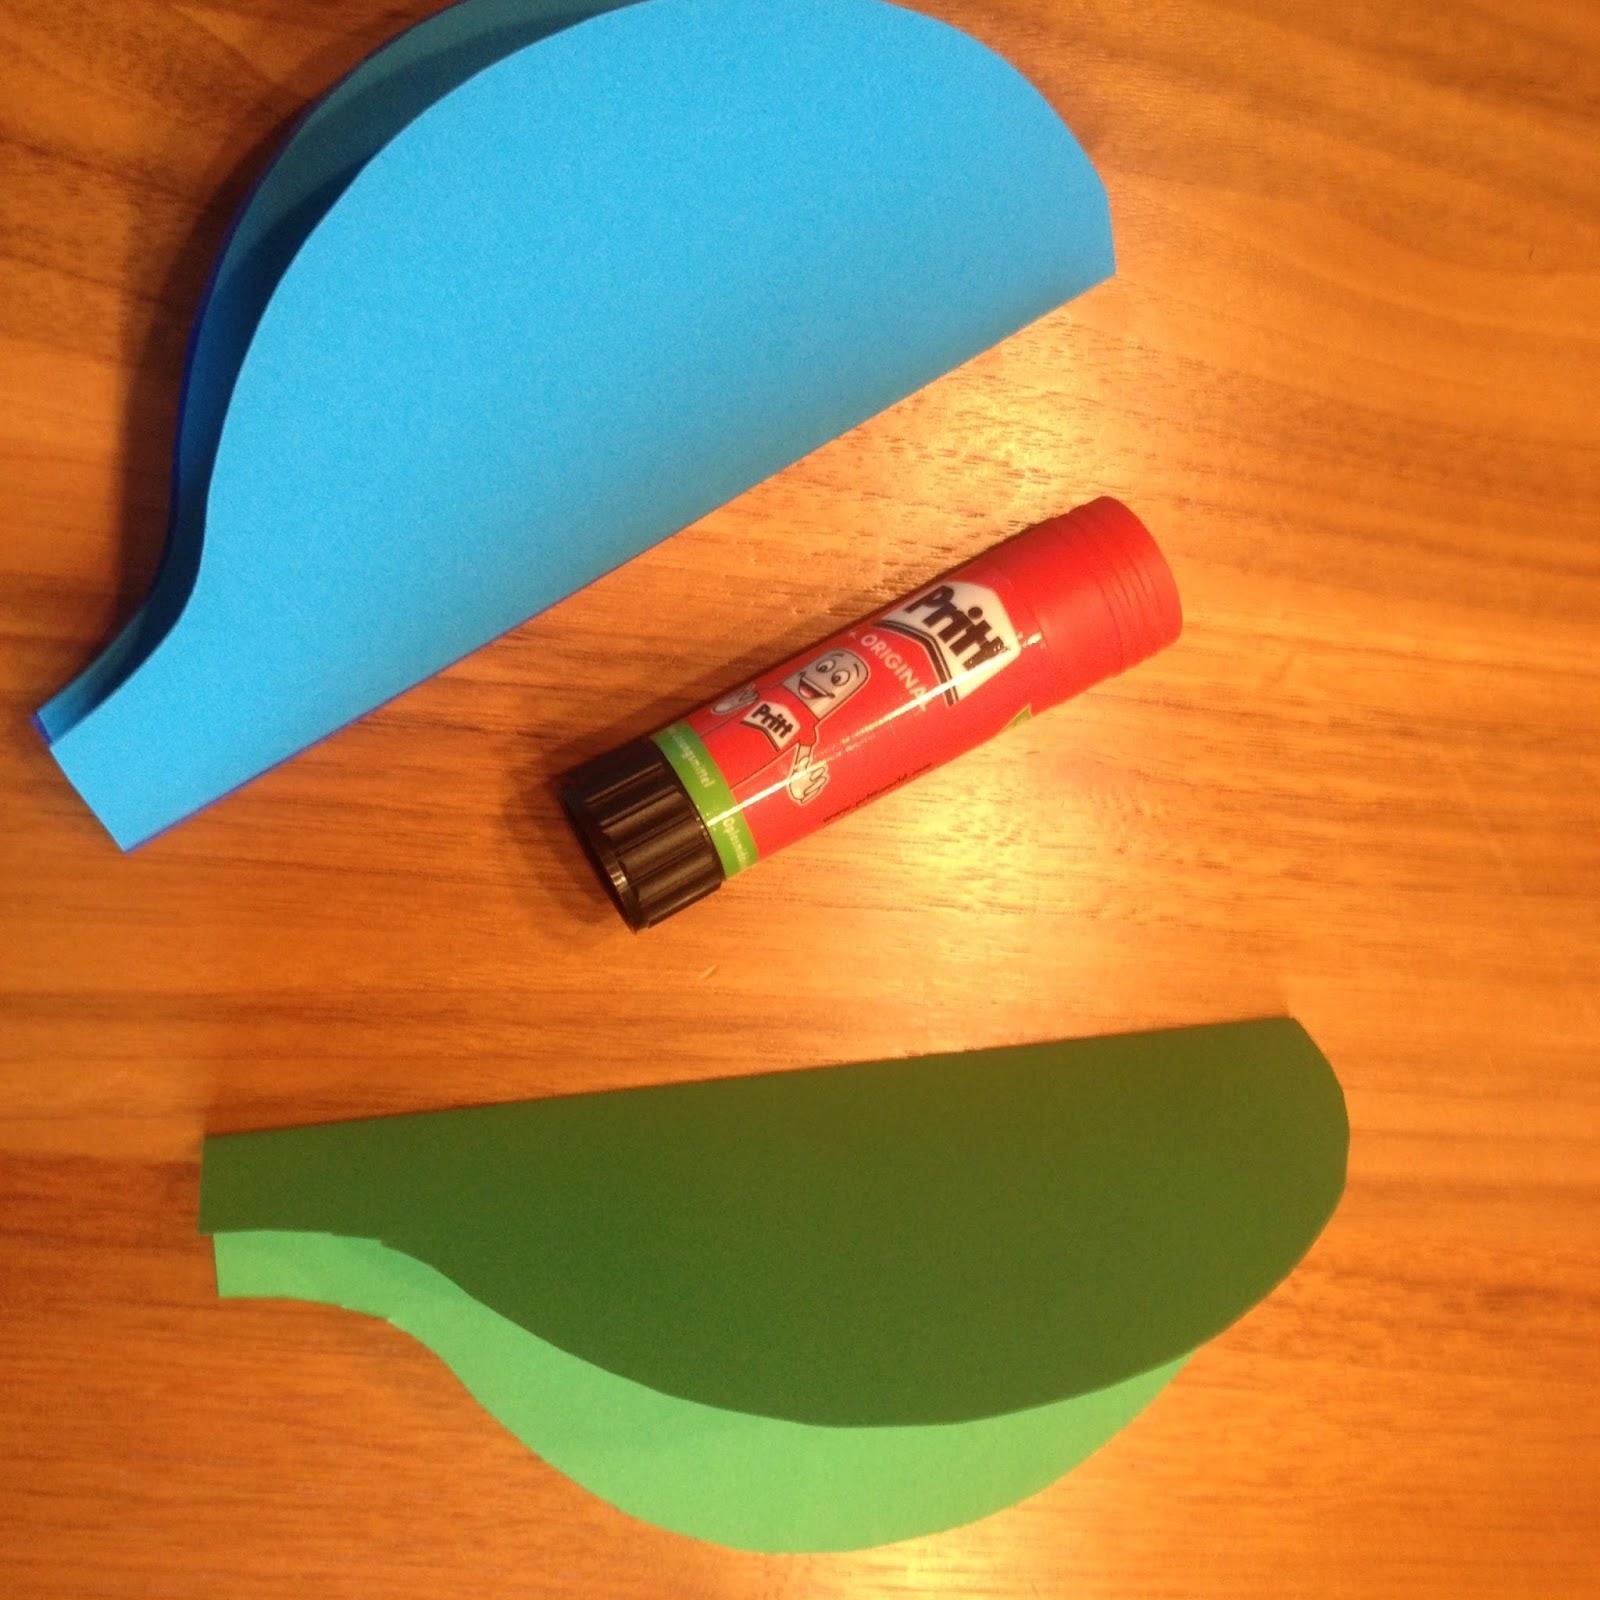 Jane bastelt: 3D Heissluftballon zum Aufhängen - Anleitung